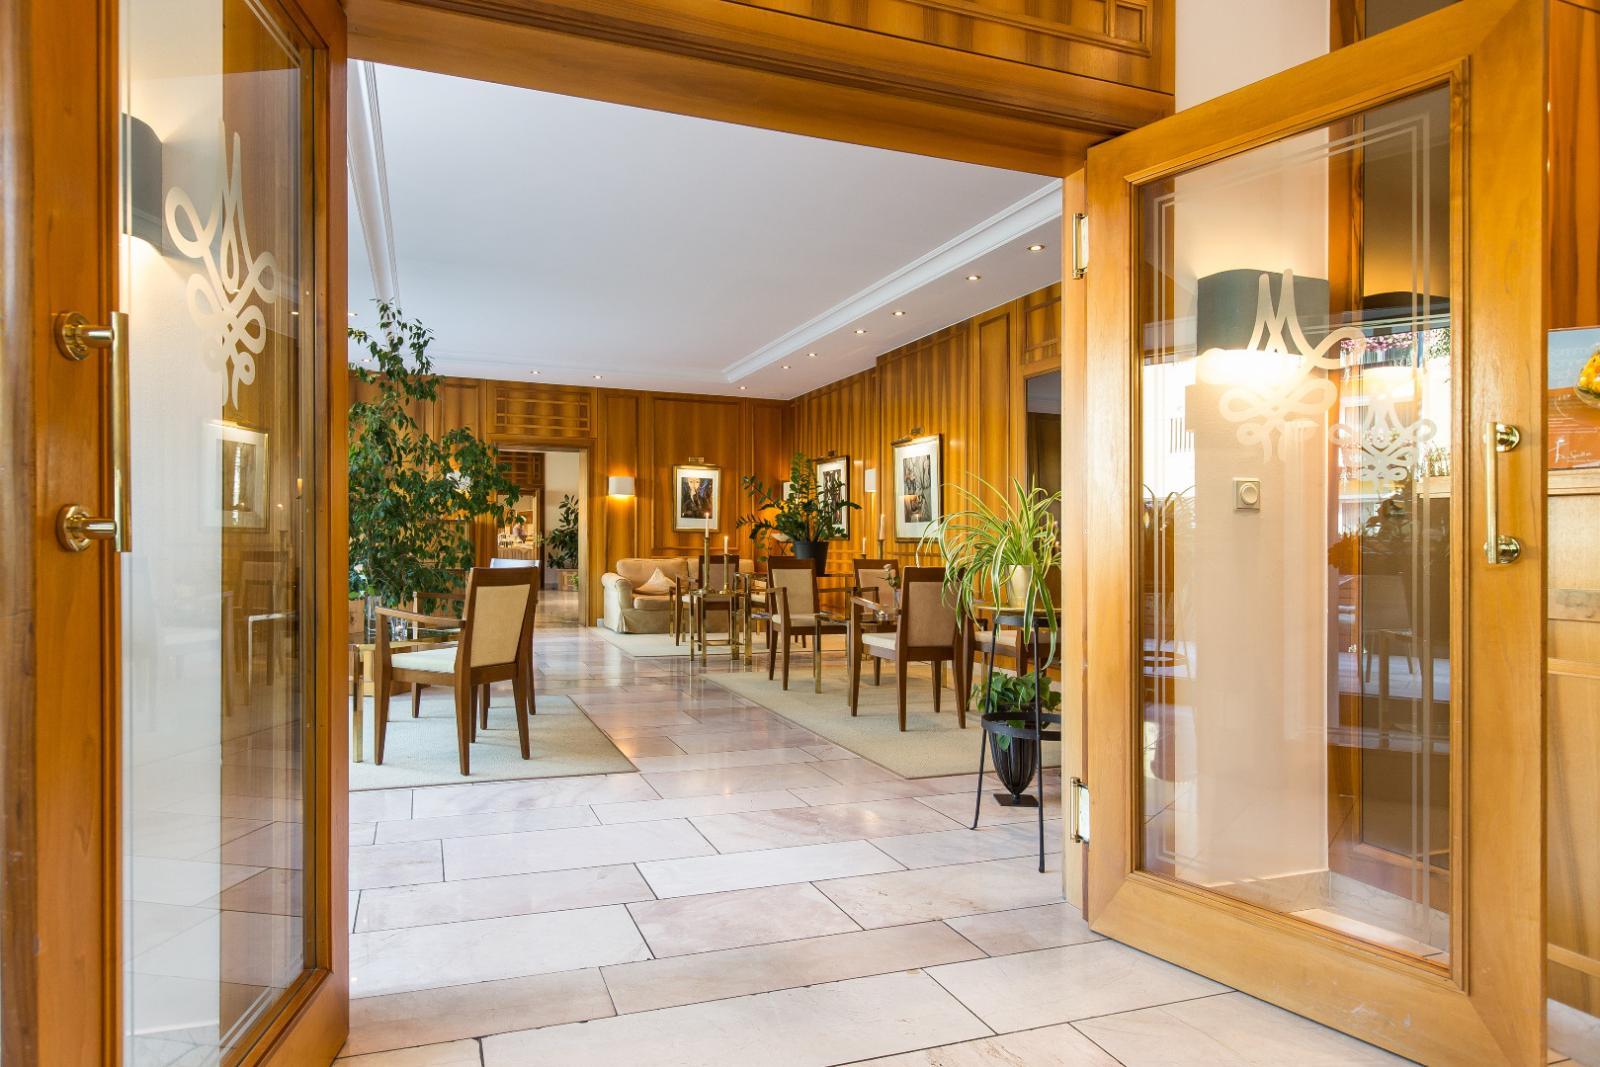 Fastenkur: Foto vom Wellnesshotel Wunsch-Hotel Mürz   Wellness Bayern